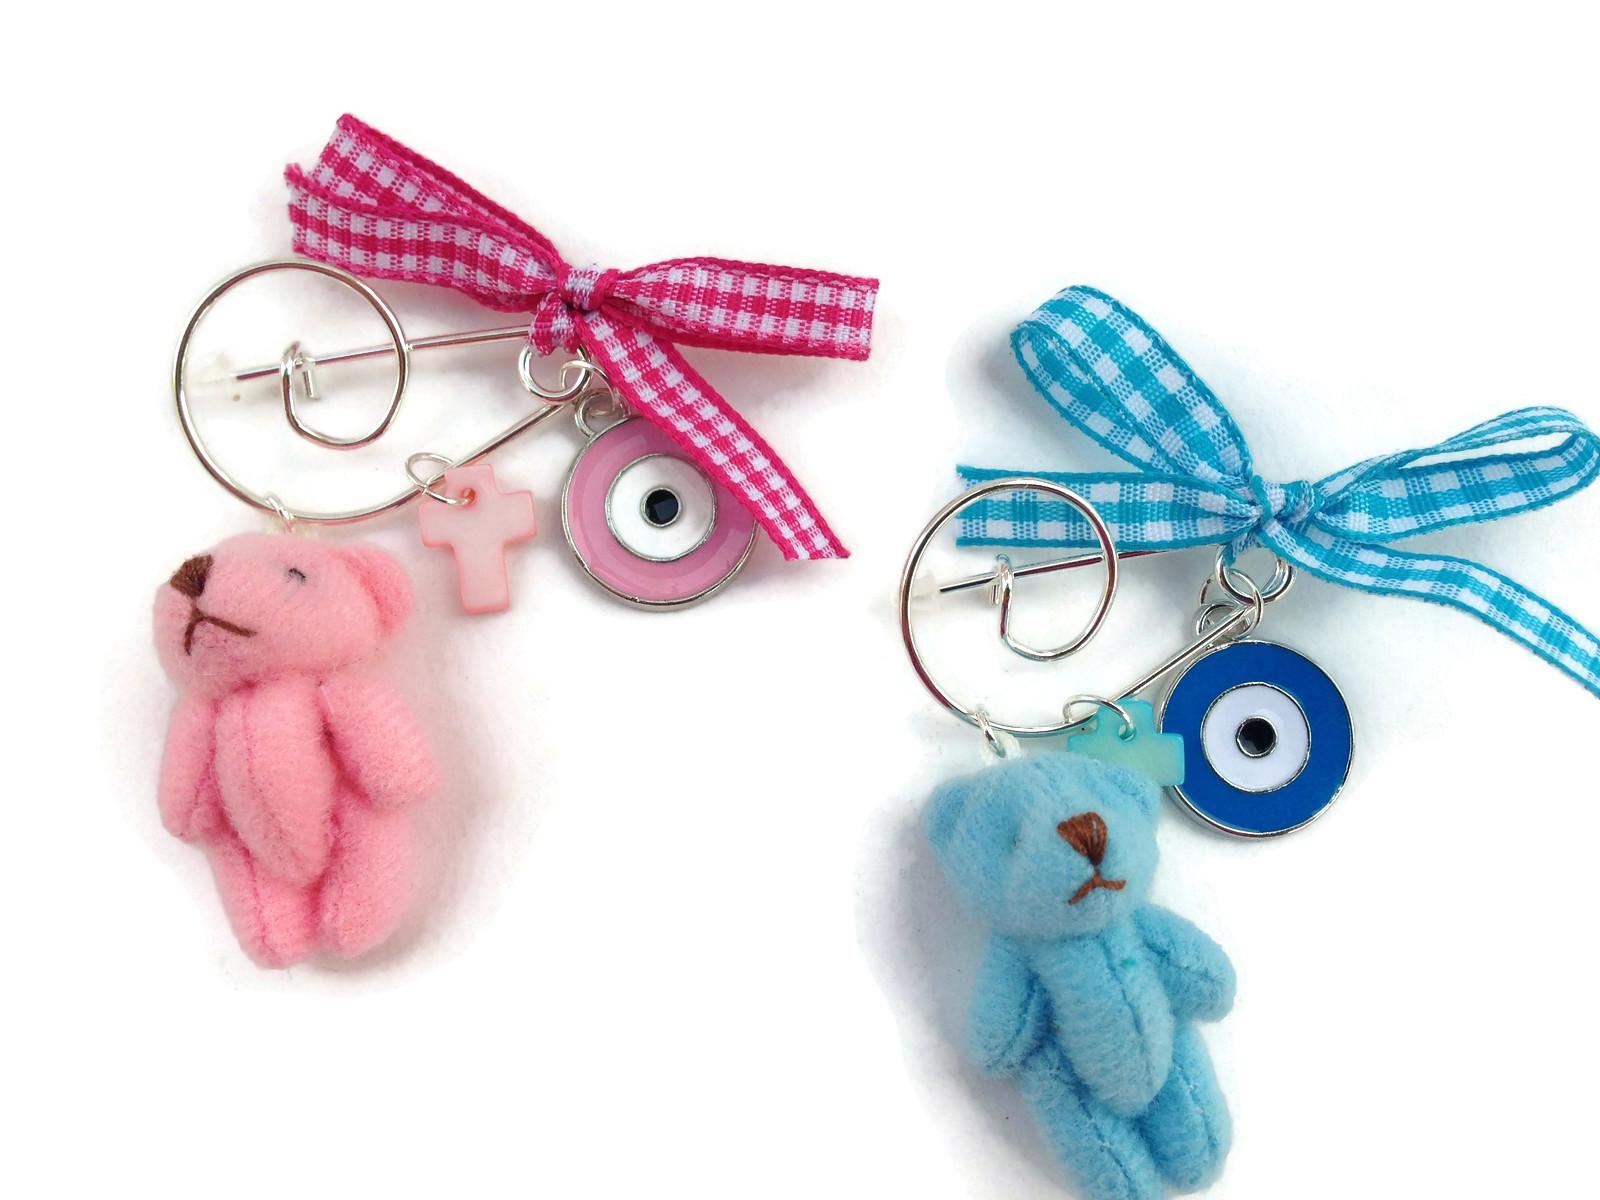 evil eye pluch teddy bear safety pin